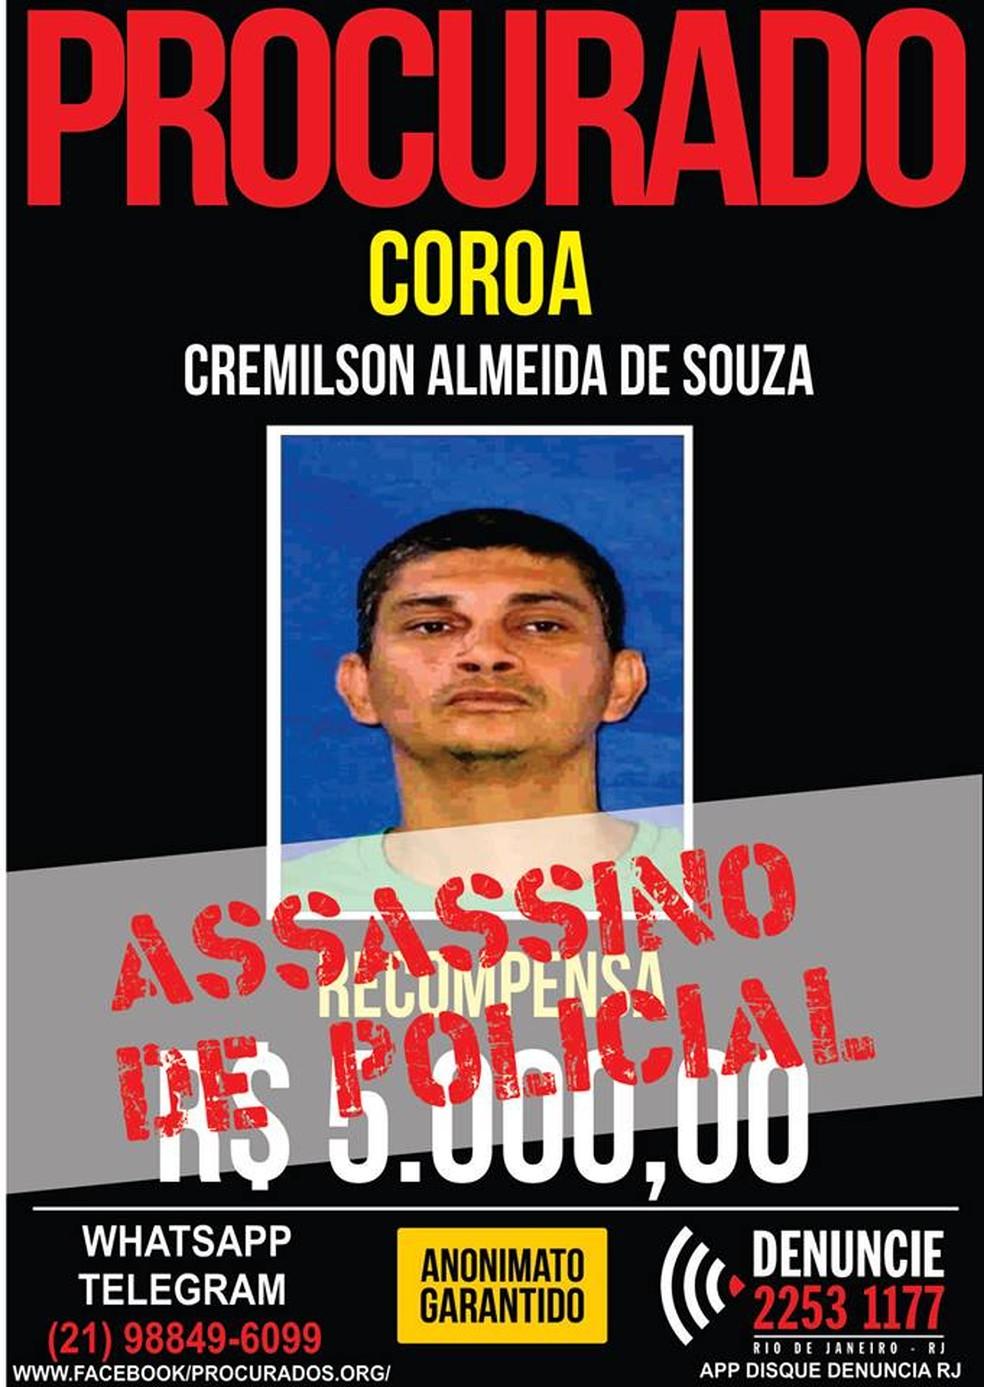 Cremilson é procurado pelo assassinato de policial e amigos de agentes (Foto: Reprodução)